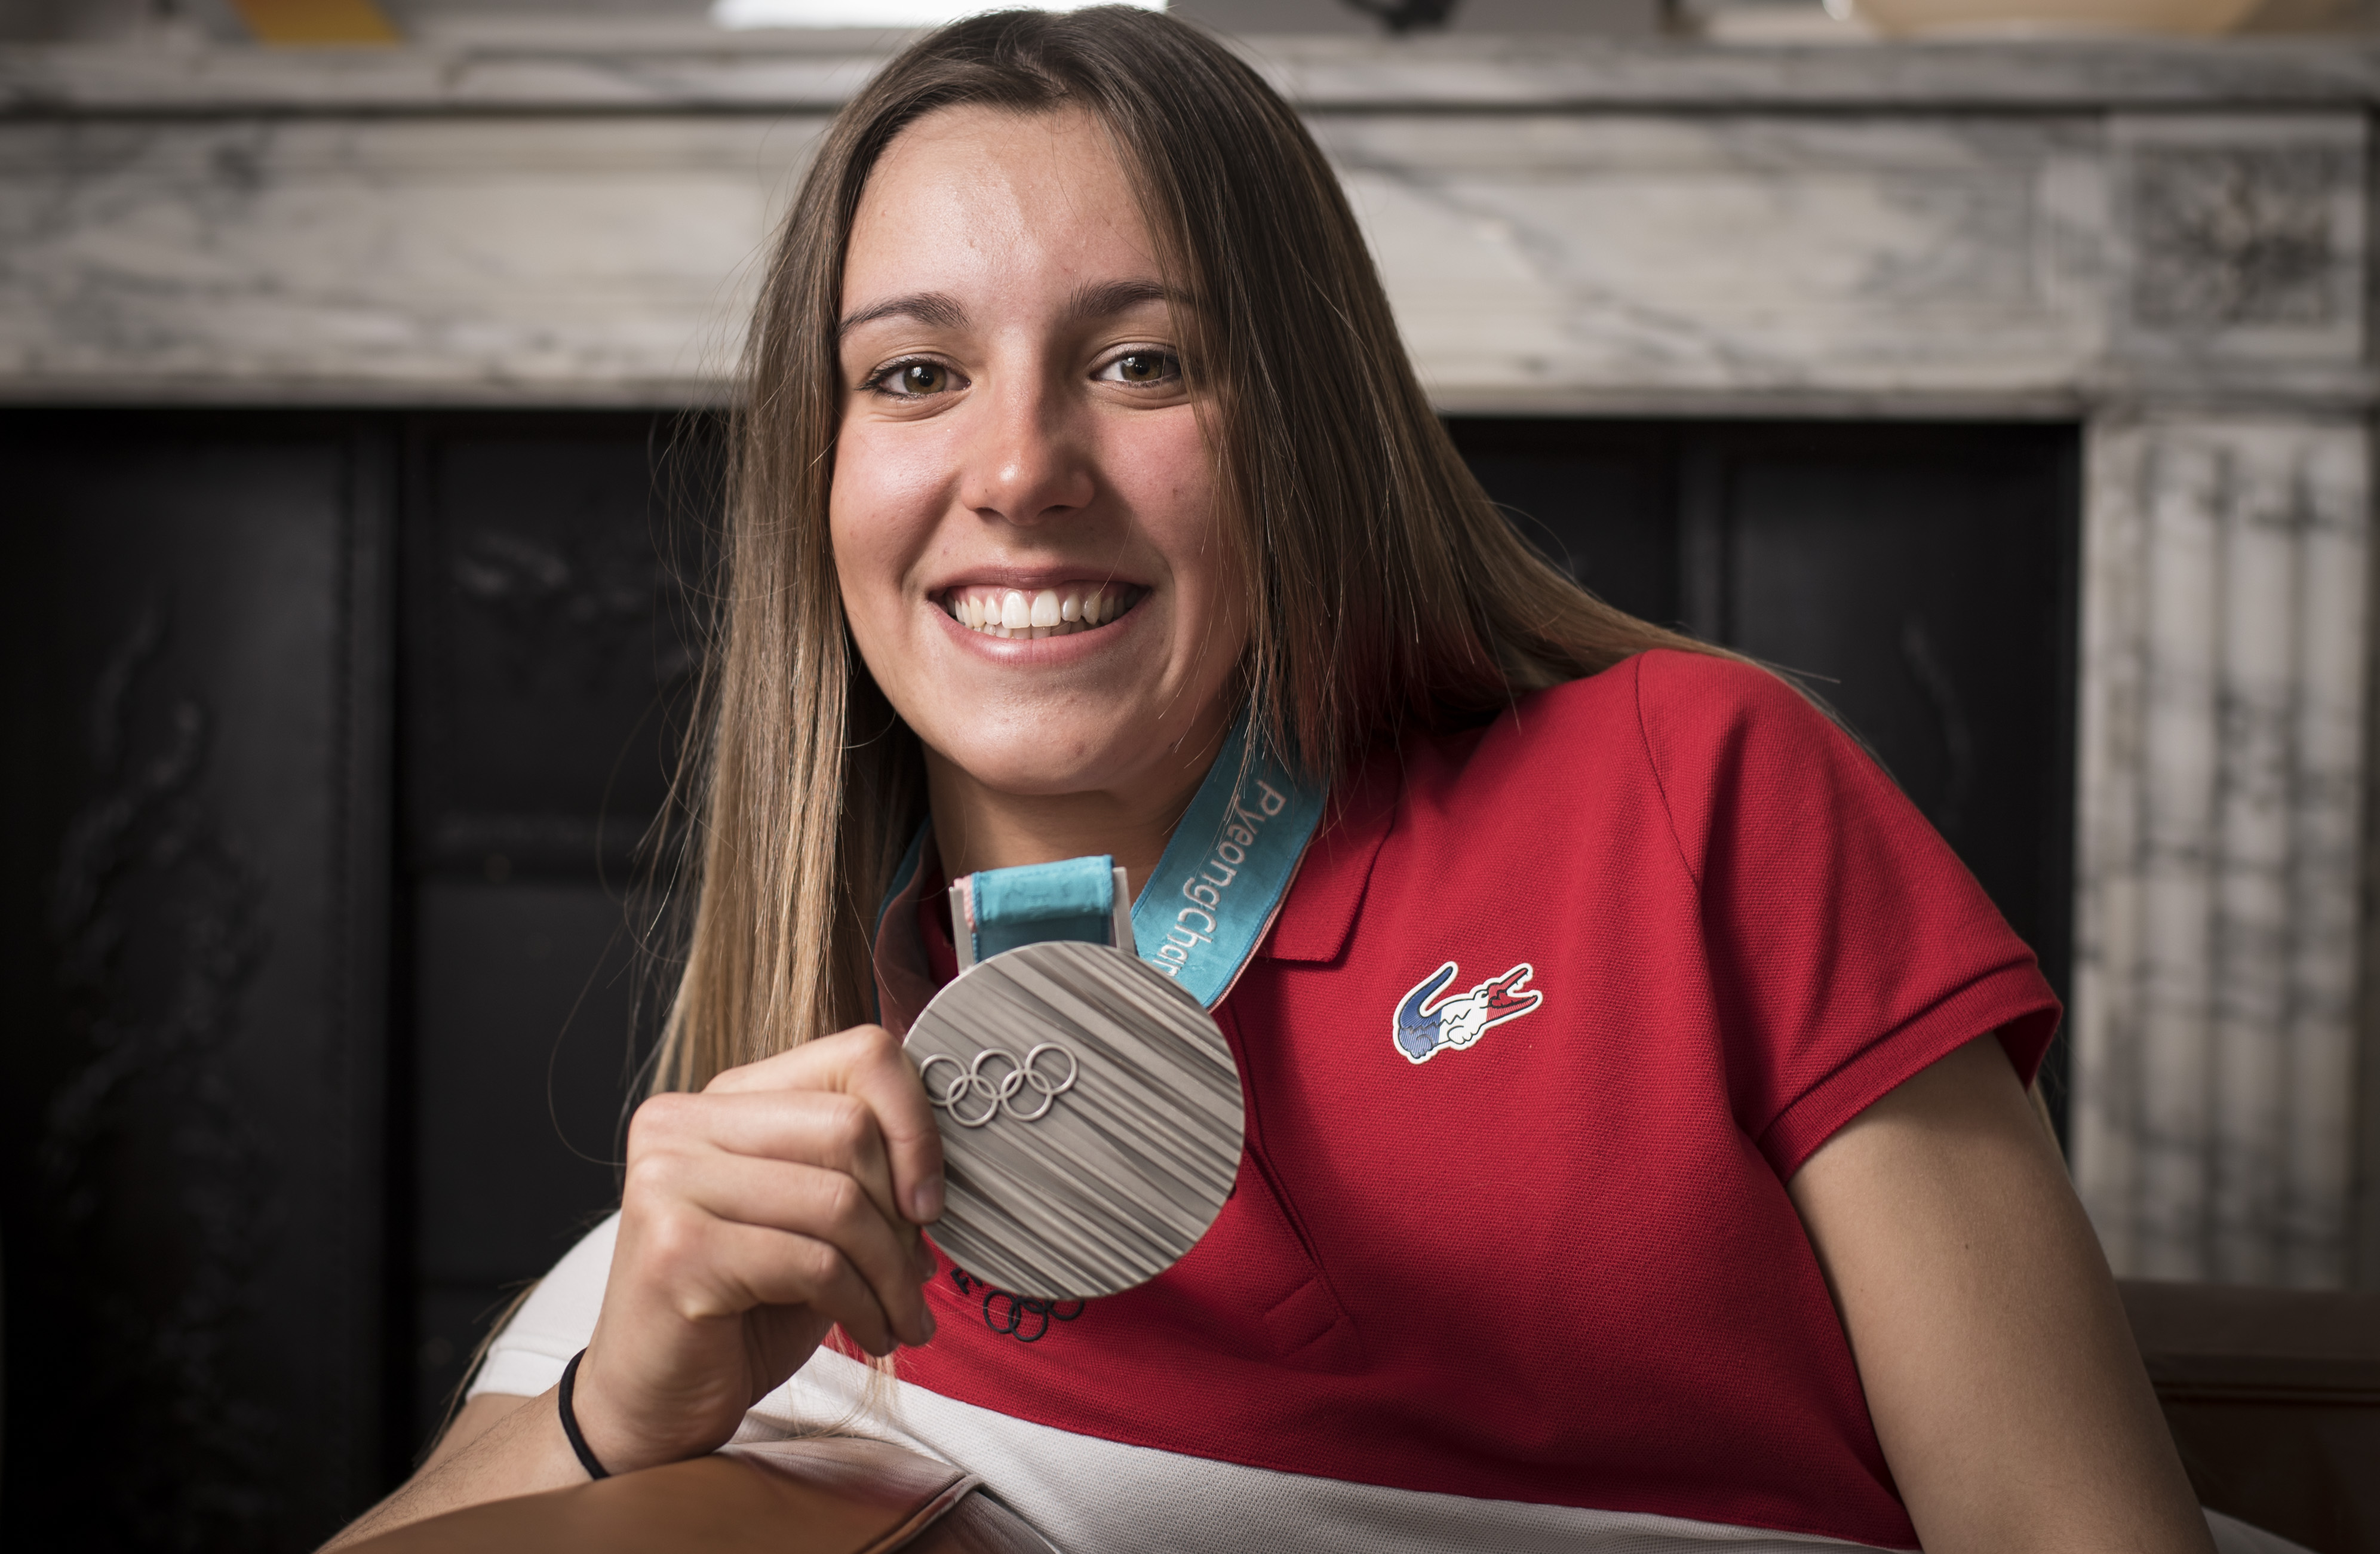 Jeux olympiques - Pyeongchang 2018 - Posez vos questions à Julia Pereira de Sousa